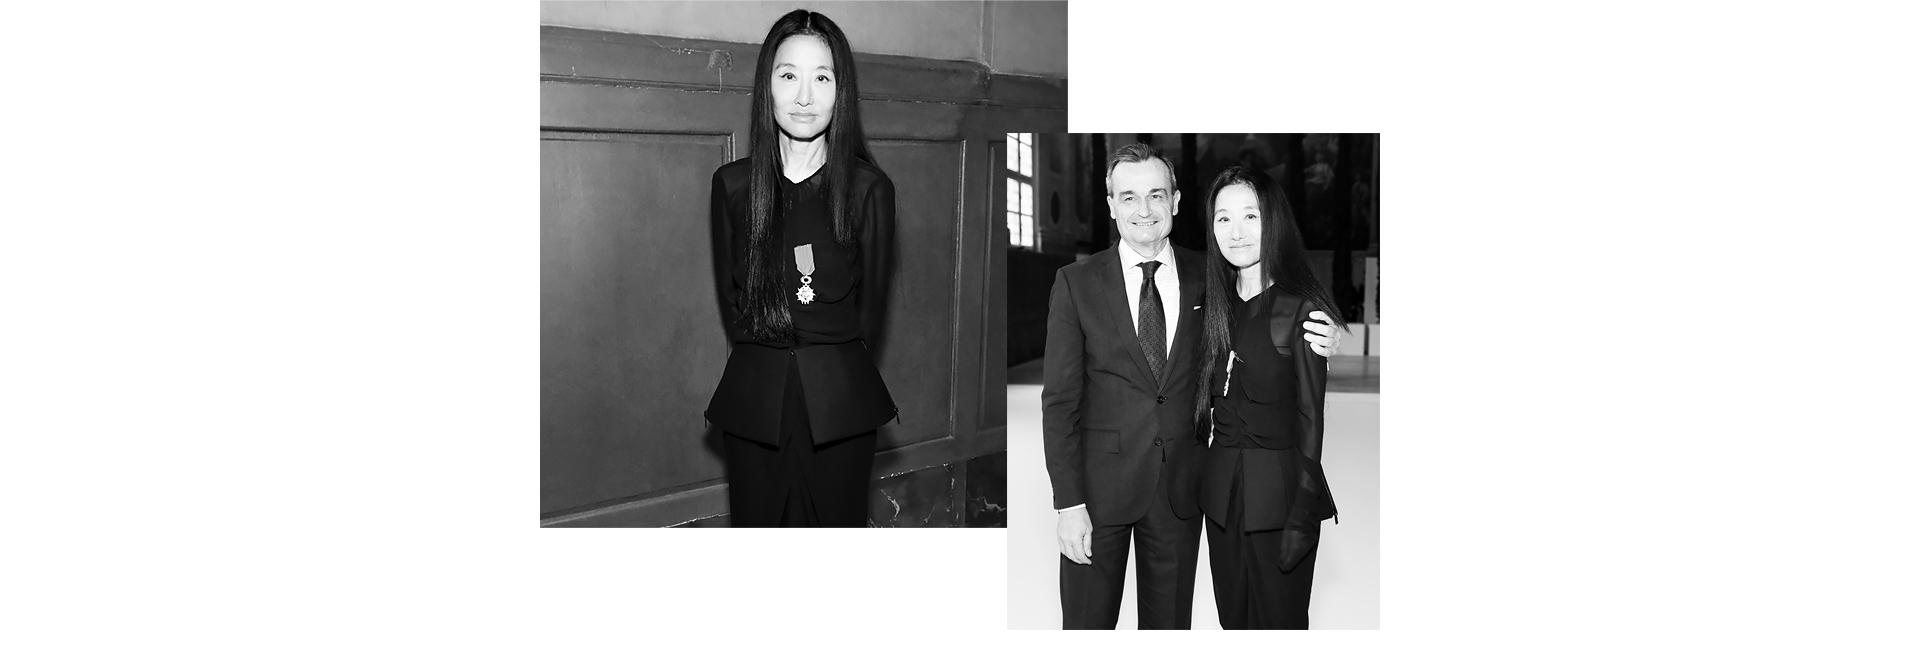 Вера Вонг: «Я прожила несколько жизней в моде» — интервью с дизайнером (фото 2)